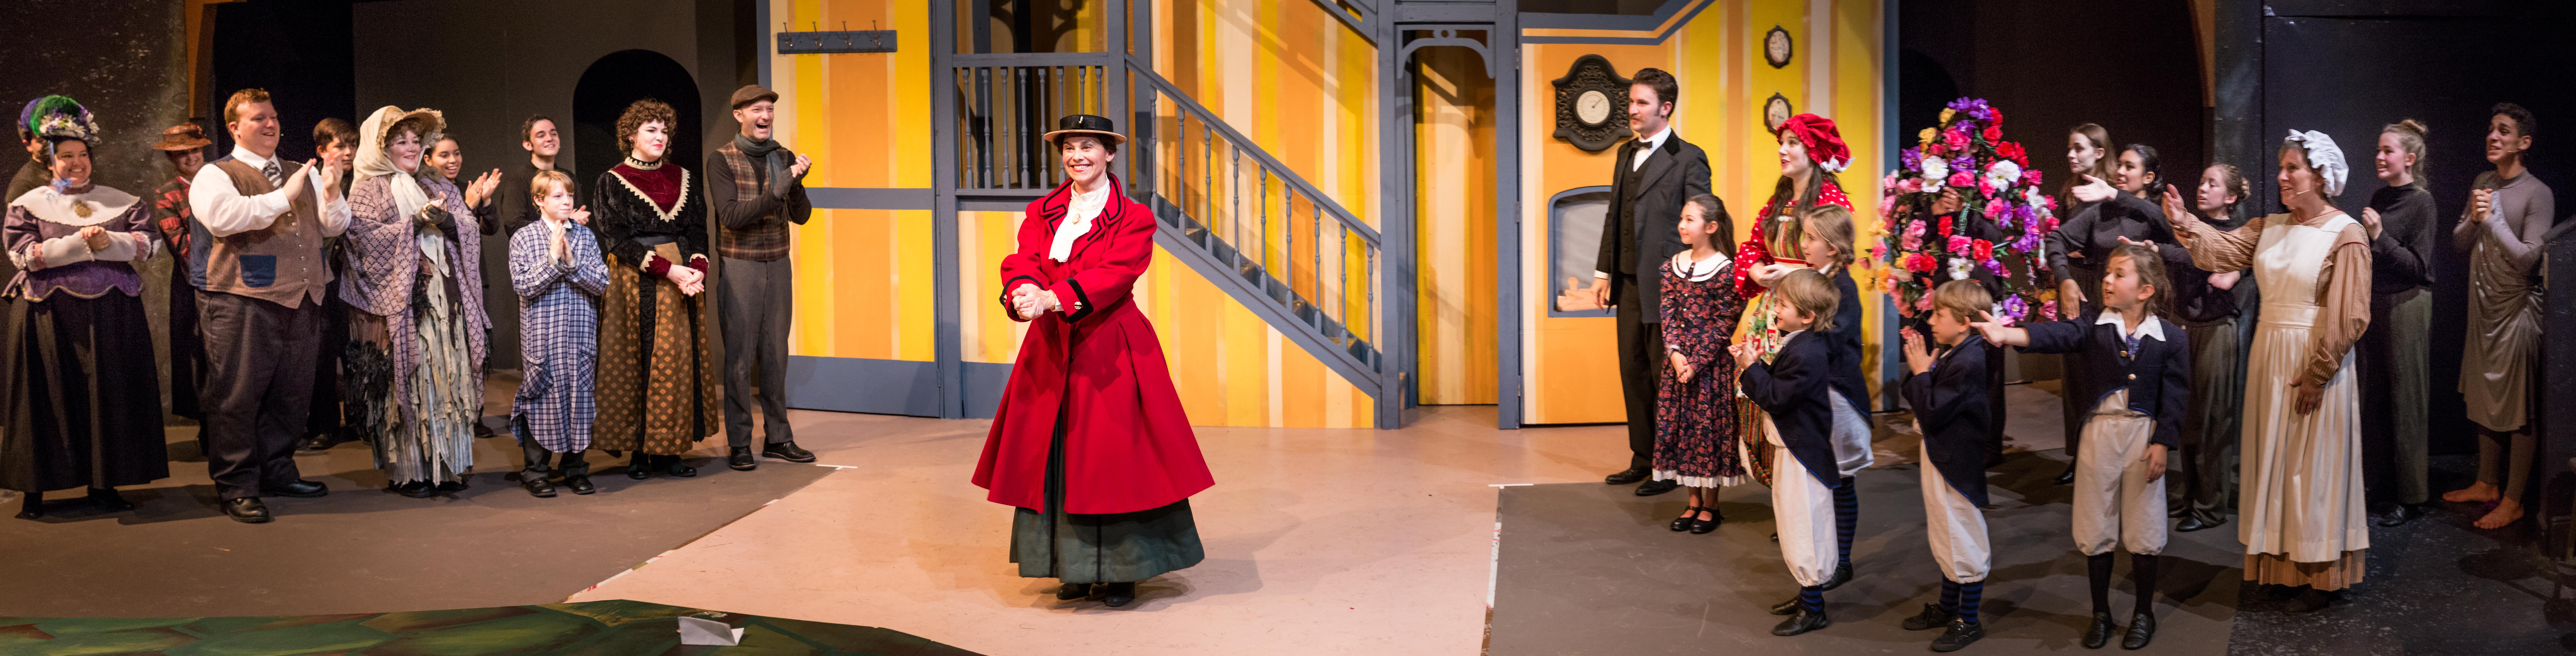 Mary Poppins-1-2